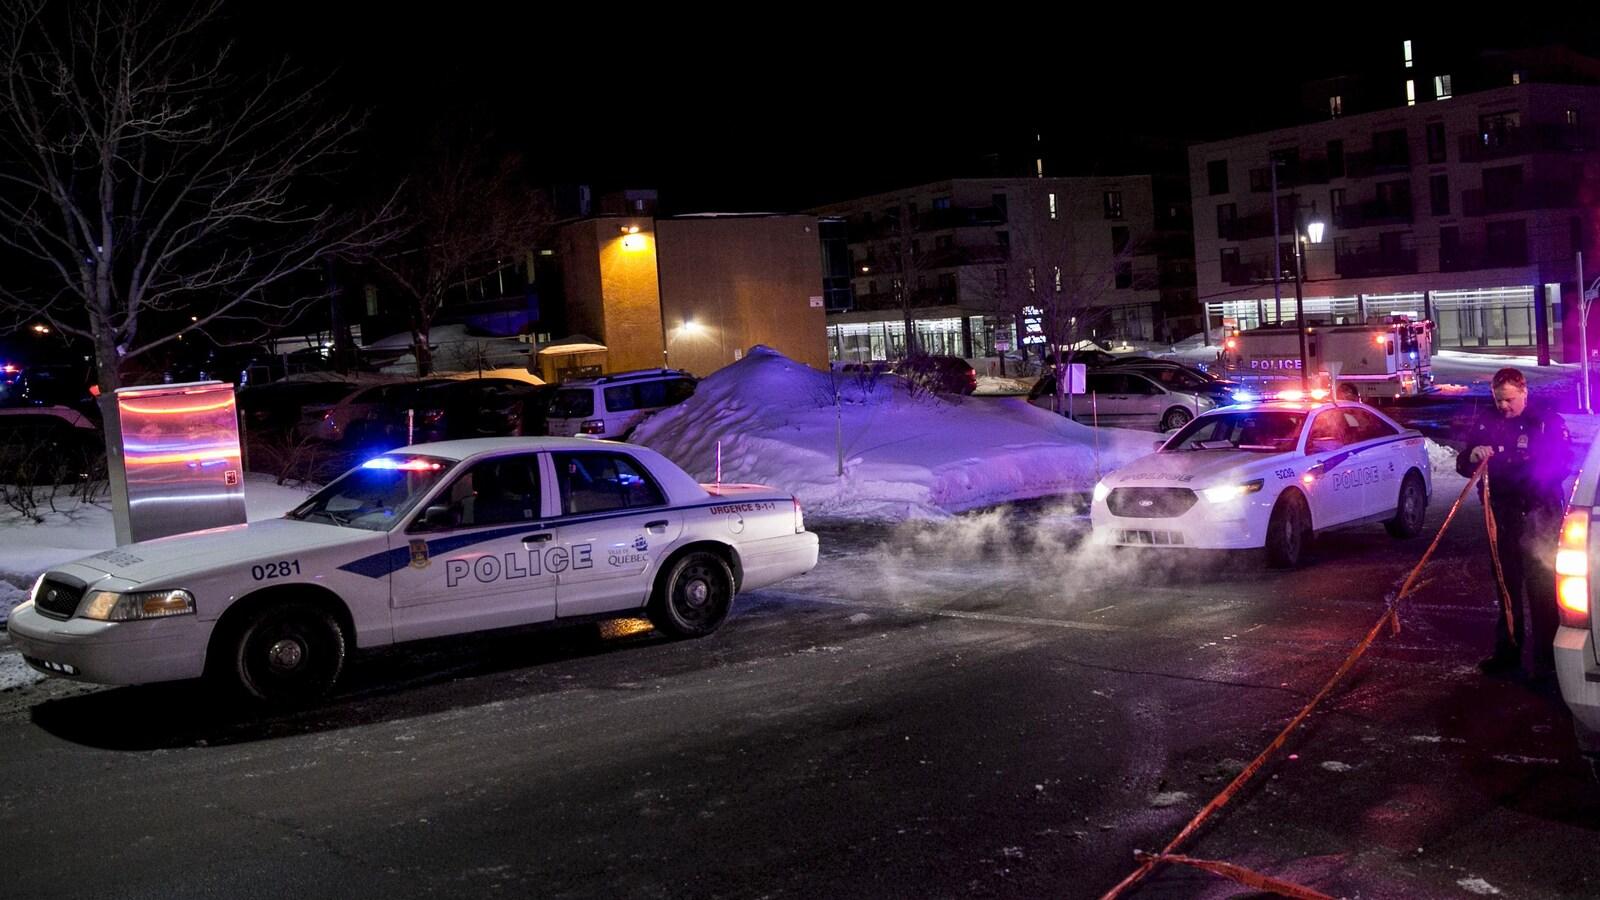 Des voitures du SPVQ stationnées aux abords du Centre culturel islamique de Québec le 29 janvier 2017. Un policier met en place un périmètre de sécurité à l'aide d'un ruban rouge.